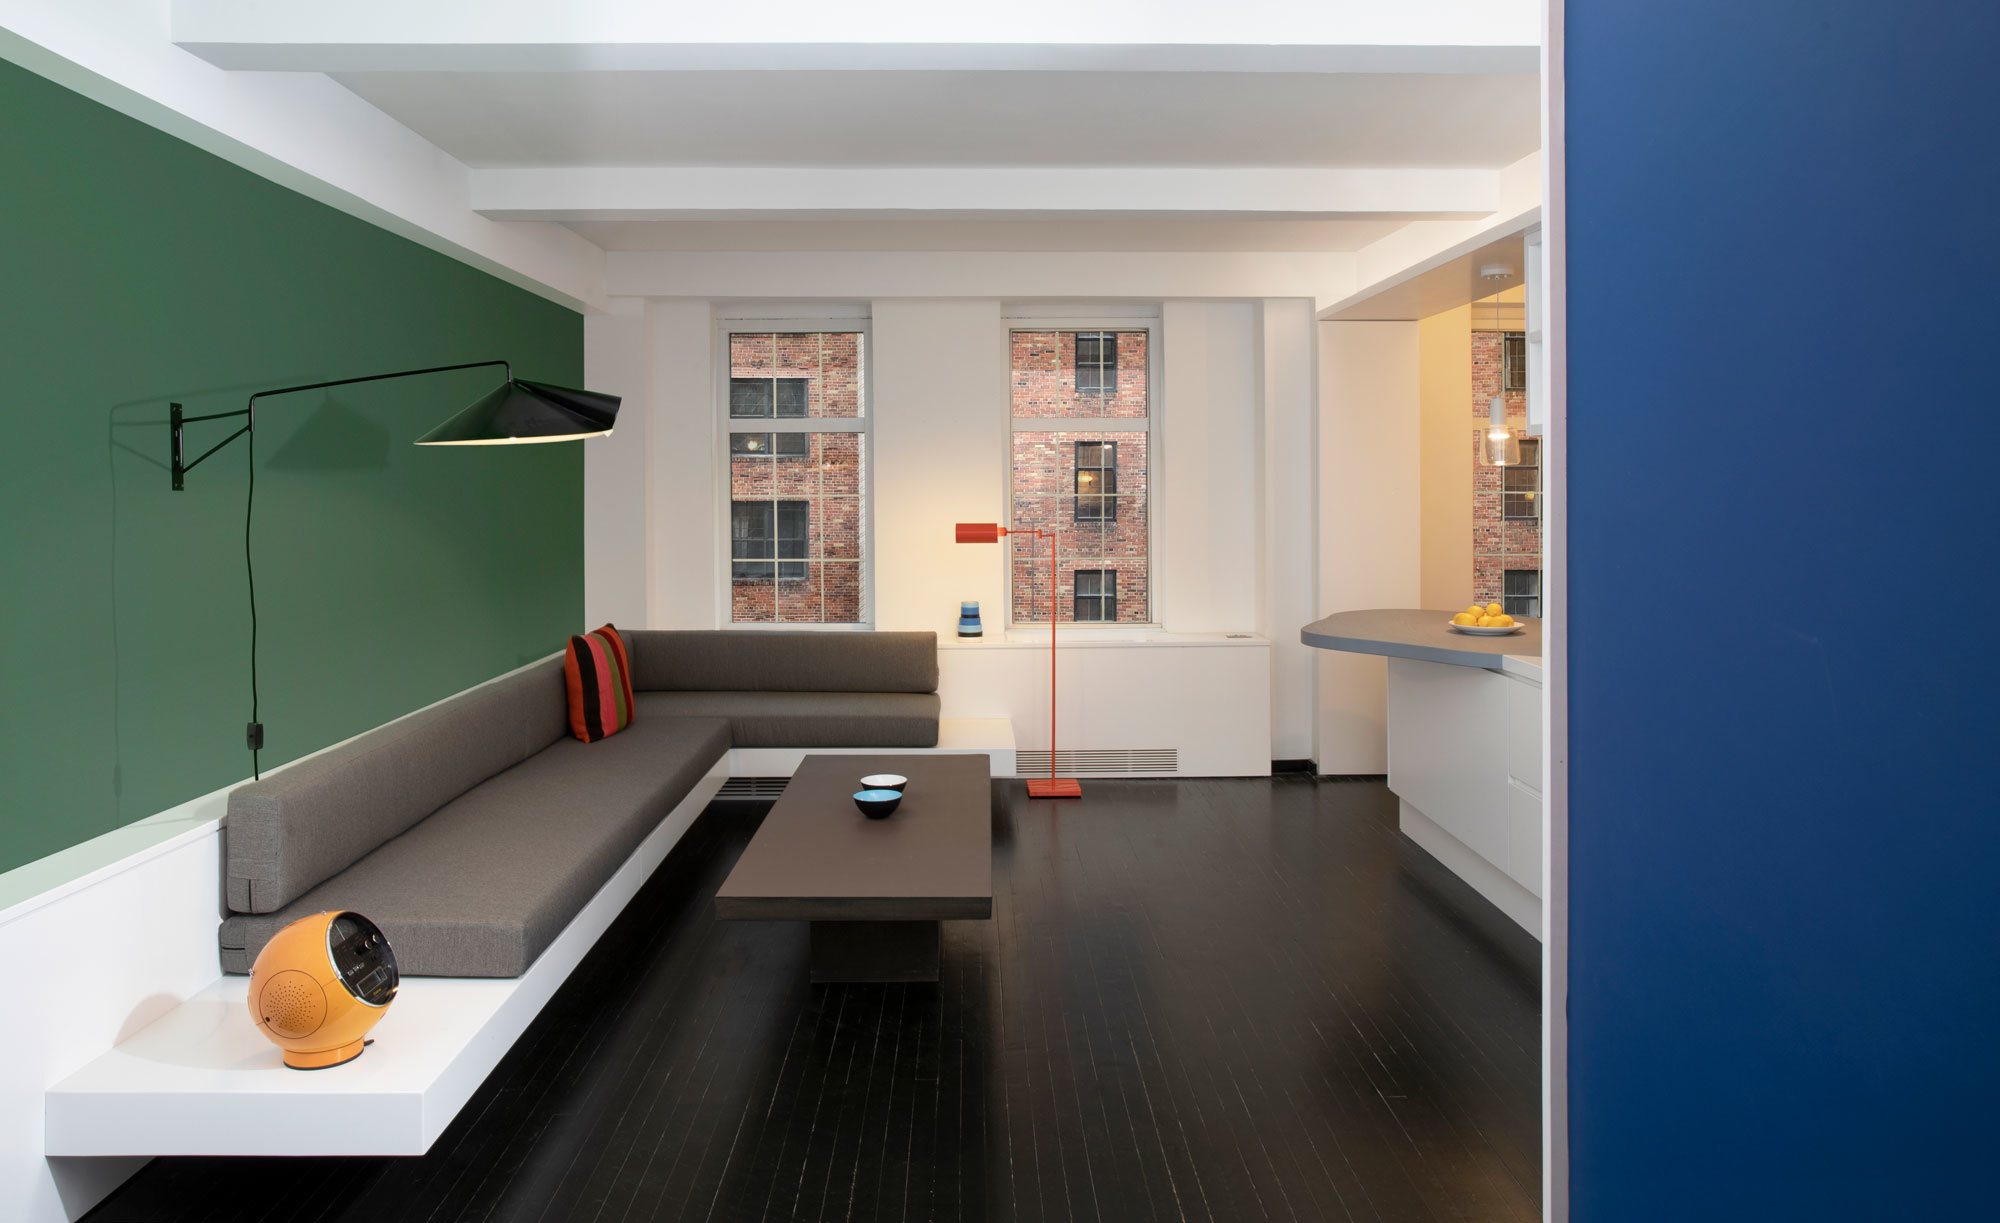 Japanischer Palast und Schiffskajüte als Vorlagen: Wie Daniel Schütz und Georg Windeck in New York auf 45 Quadratmetern einen hybriden Wohnraum entstehen lassen.